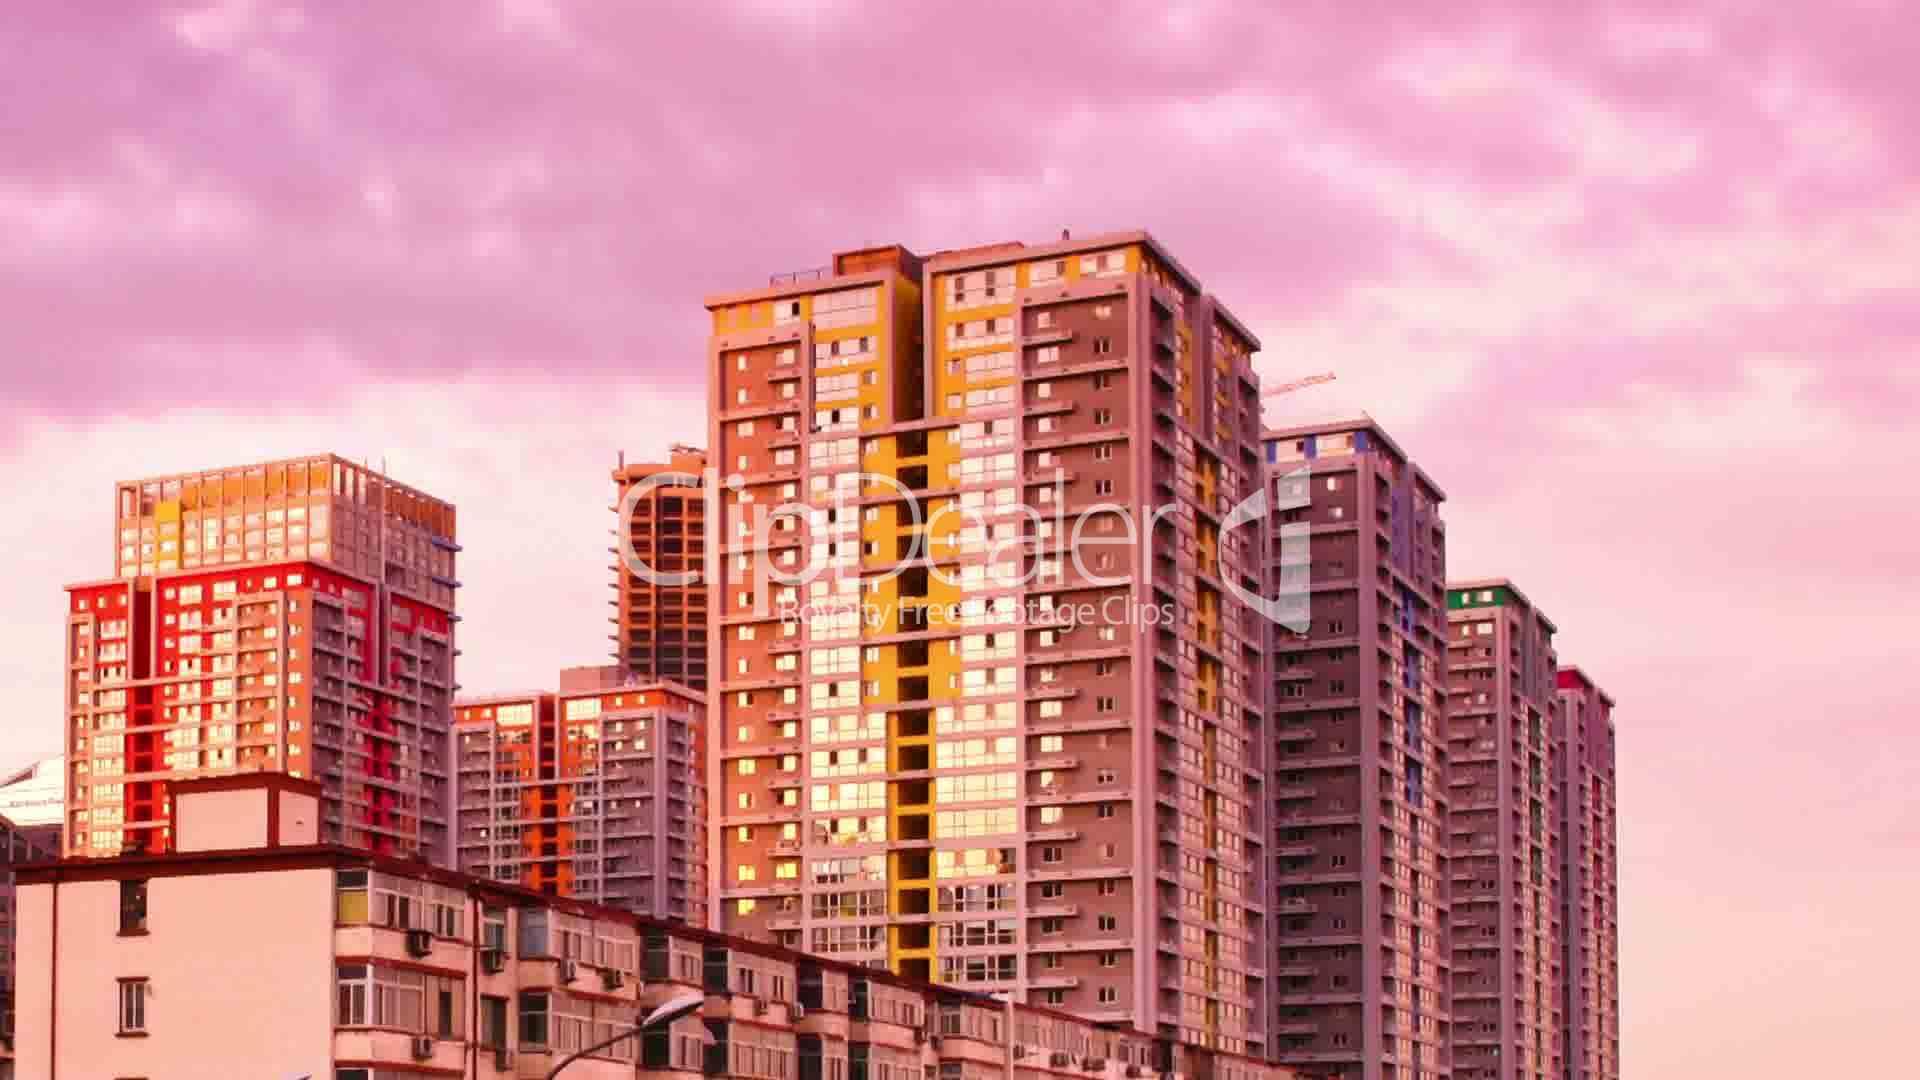 Skyscrapers in Beijing  China HD Wallpaper